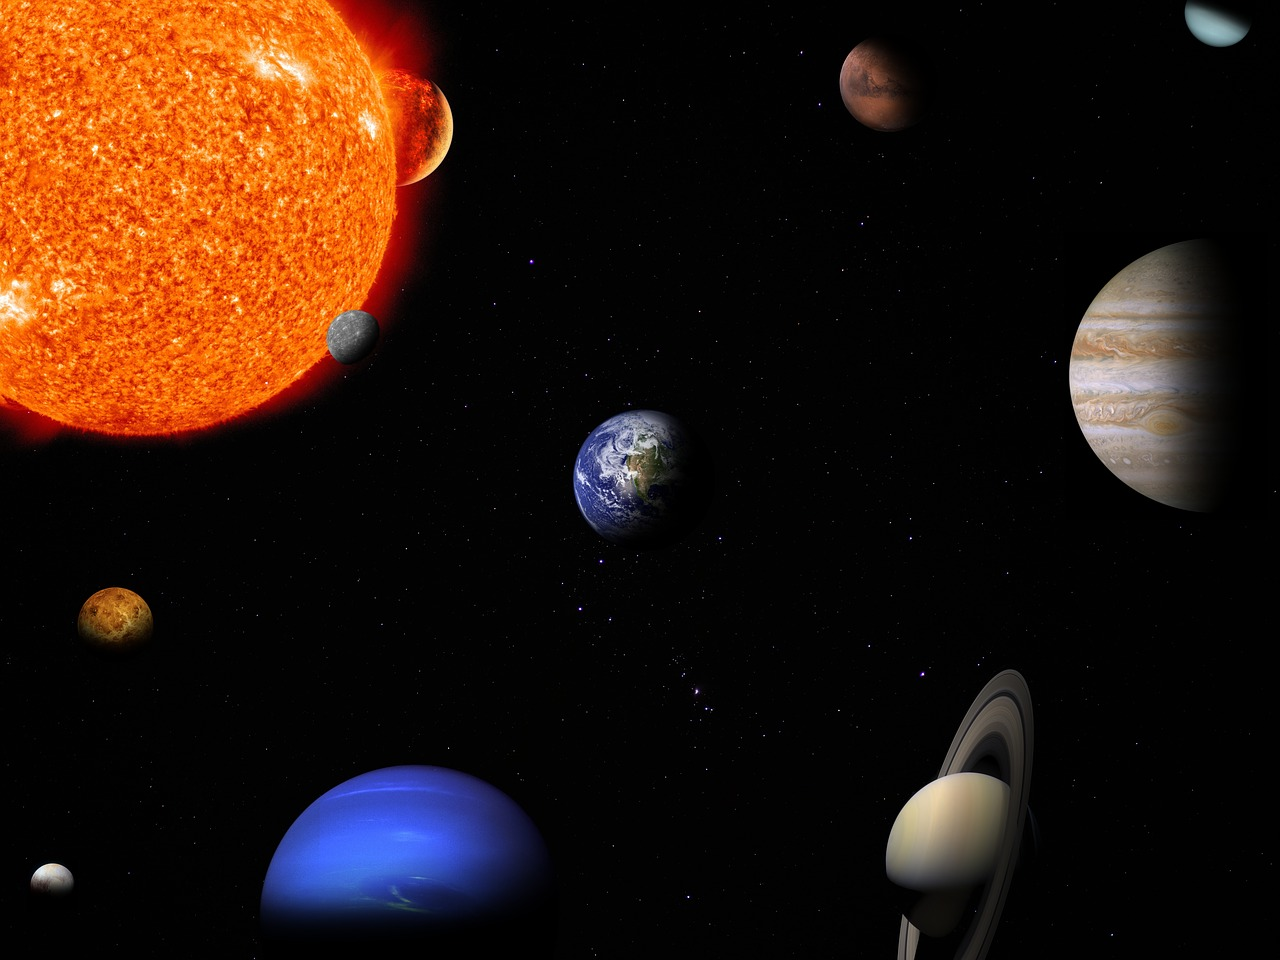 Proyección 'La Familia Solar' en Planetario de Aragón (Huesca)